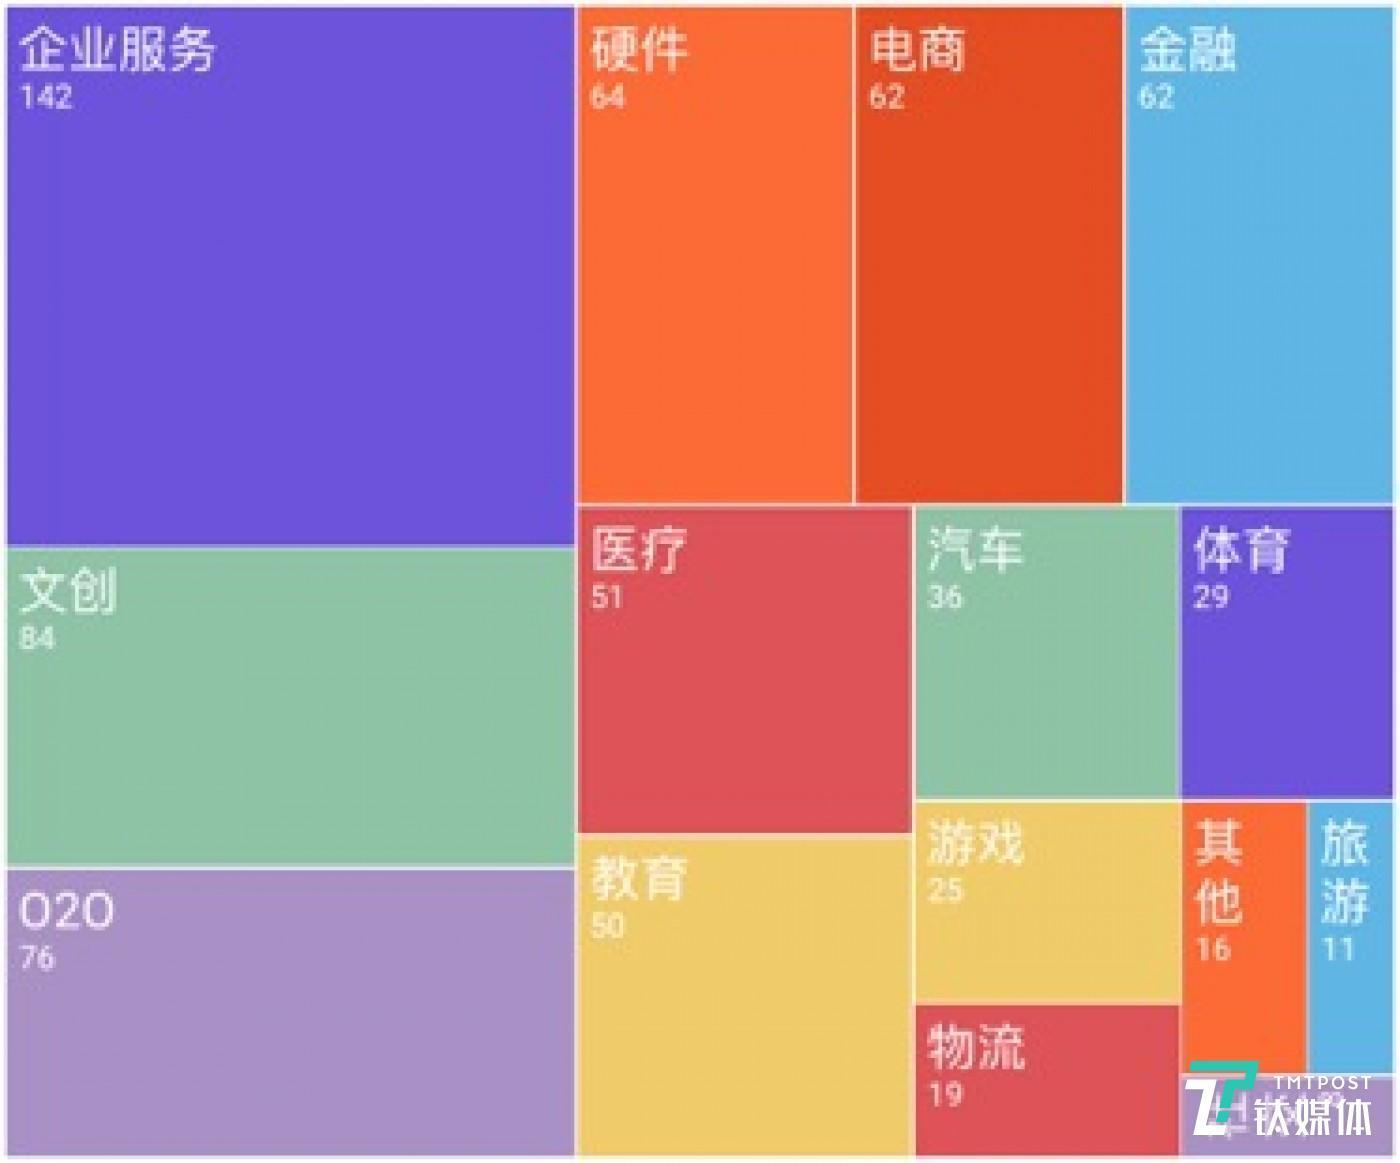 第二季度国内各领域融资事件数量